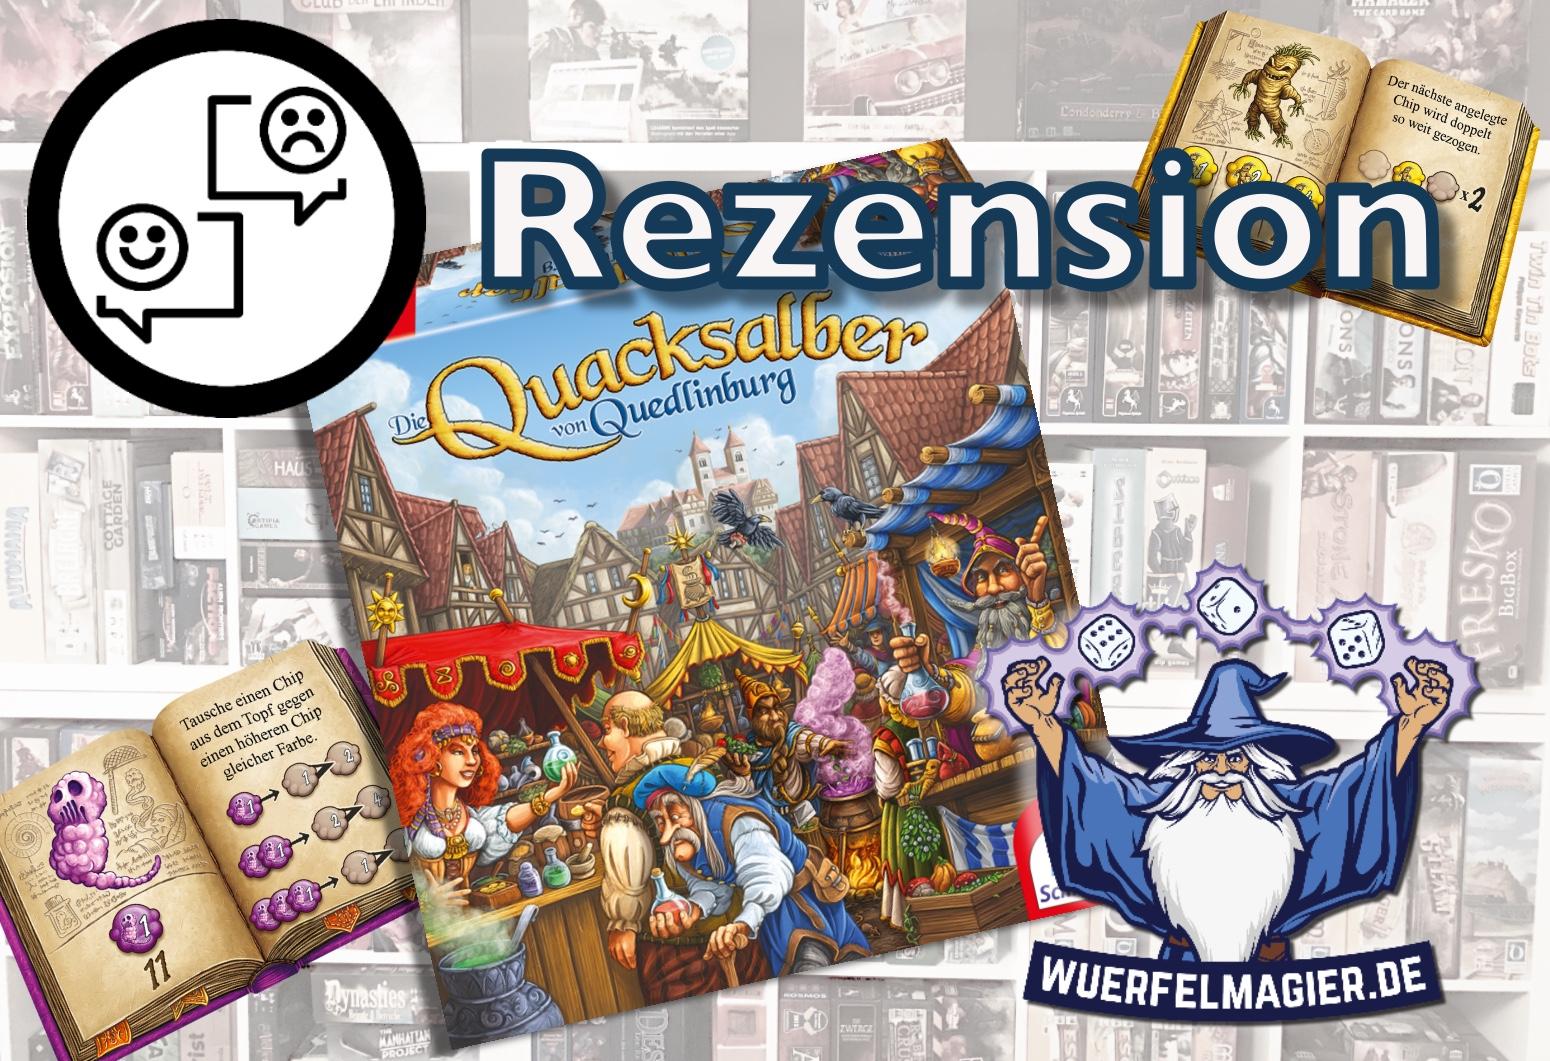 Rezension Quacksalber von Quedlinburg Würfelmagier Wuerfelmagier